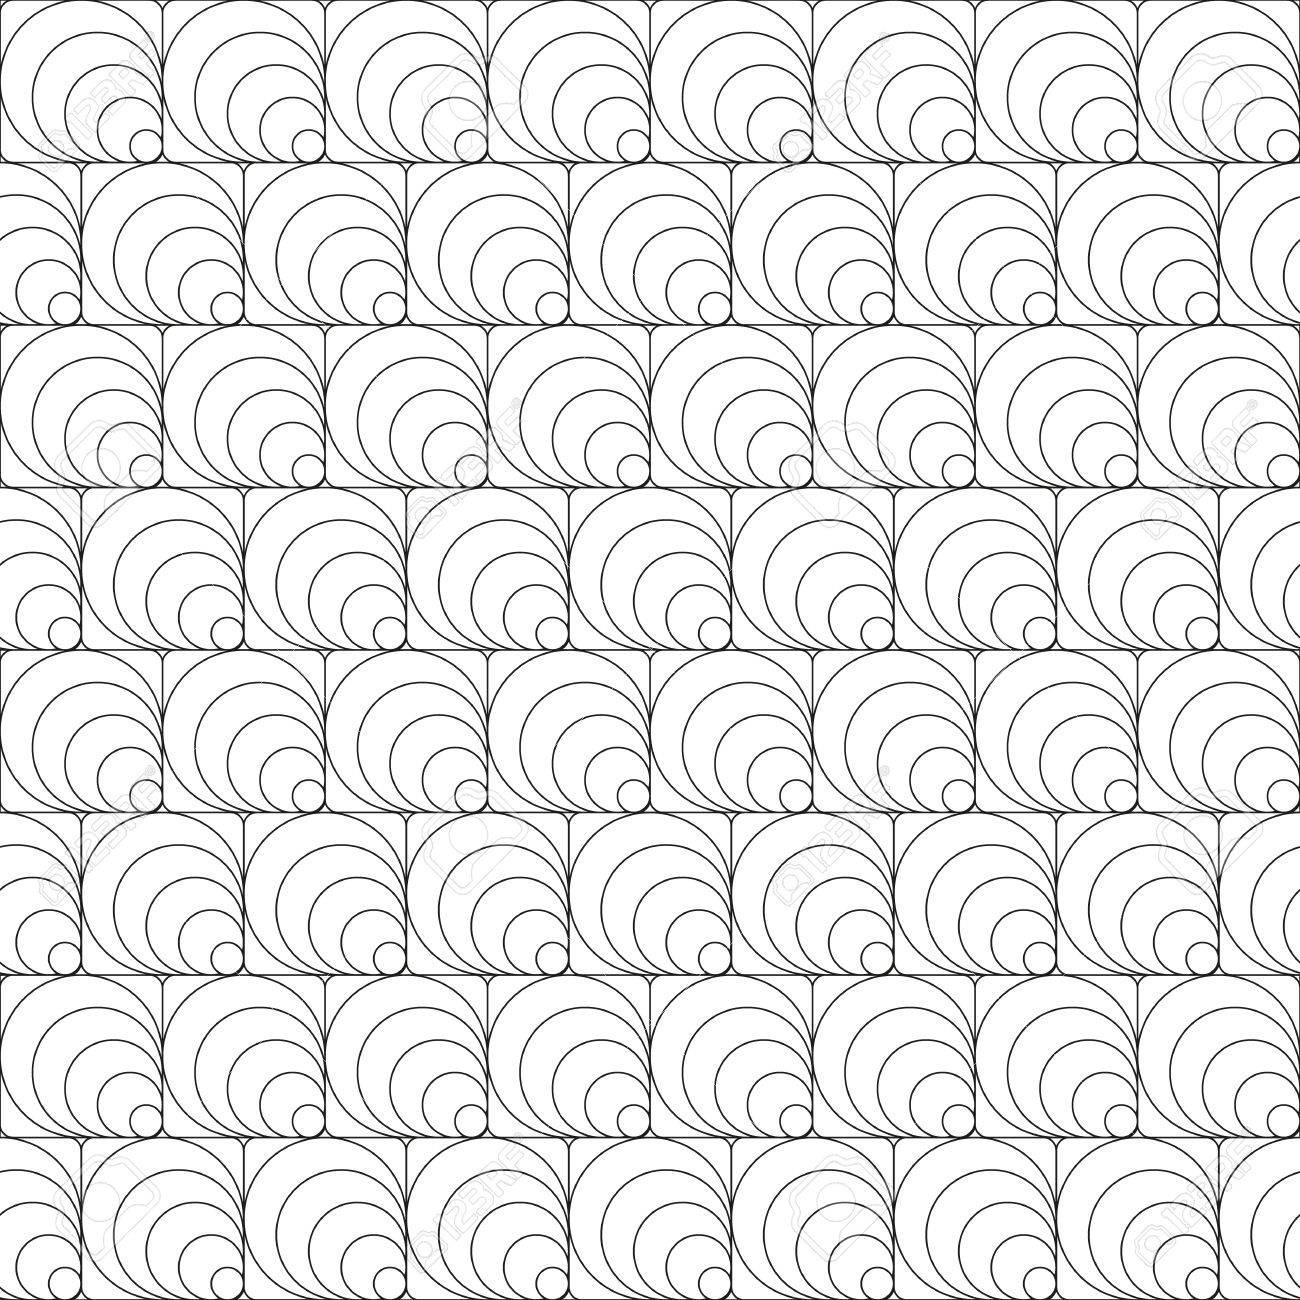 Simple Textura Transparente De Ornamentos Negros - Cuadrados Y ...